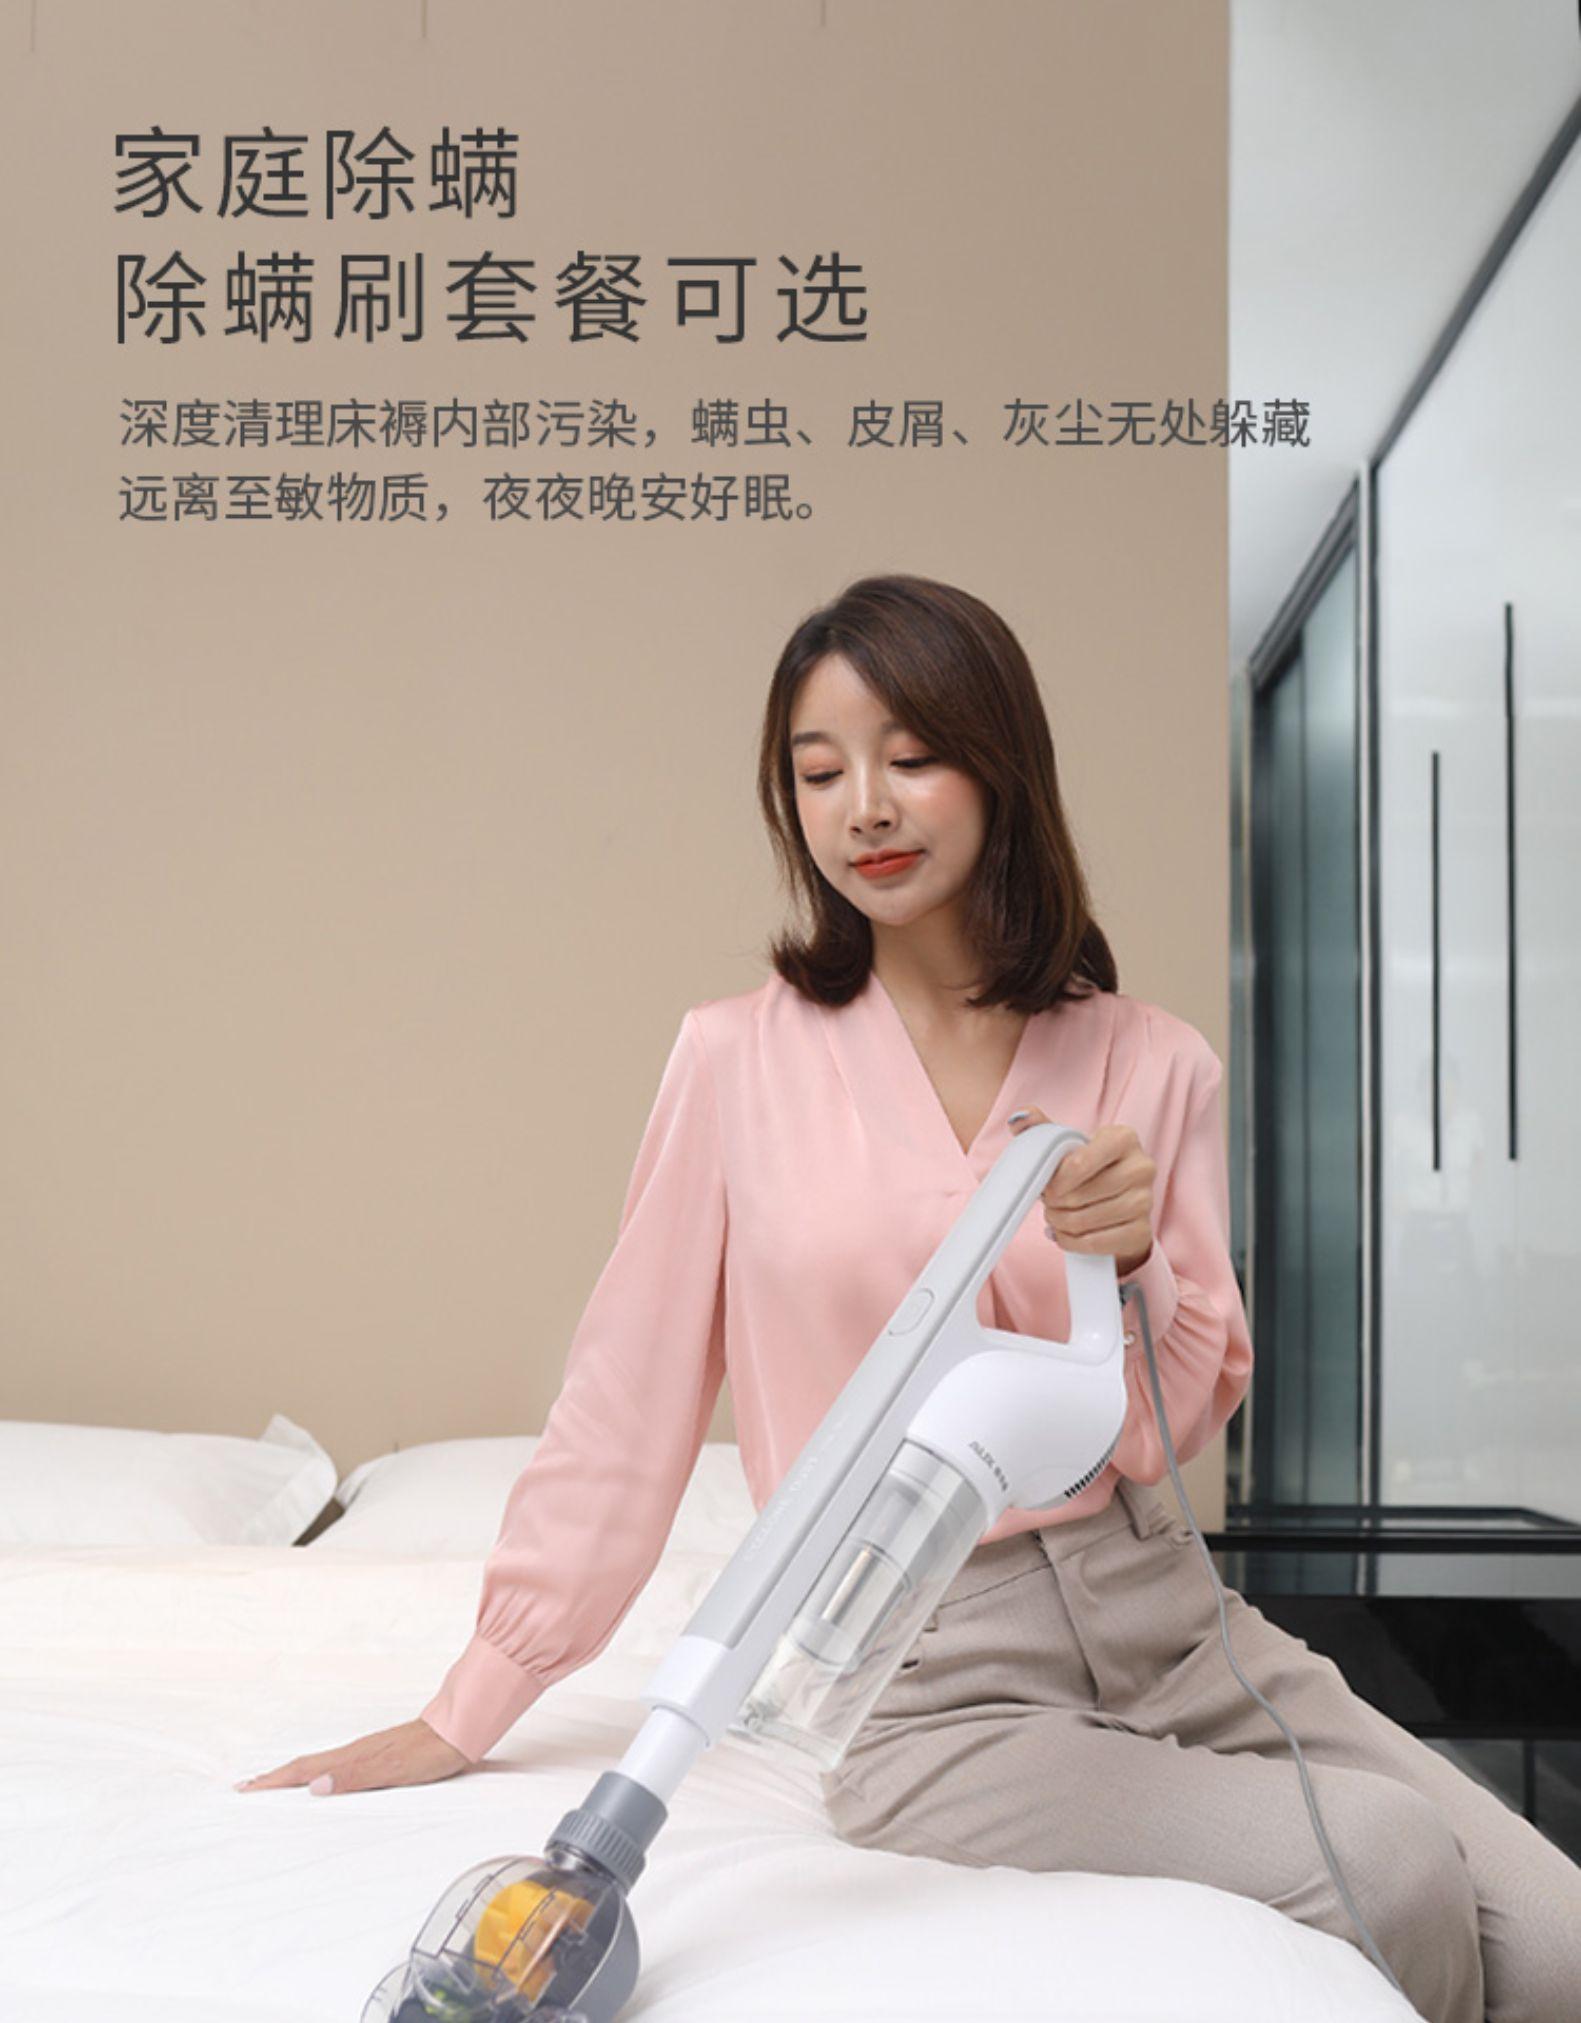 家庭除螨除螨刷套餐可选深度清理床褥內部污染,螨虫、皮屑、灰尘无处躲藏远离至敏物质,夜夜晚安好眠。-推好价 | 品质生活 精选好价